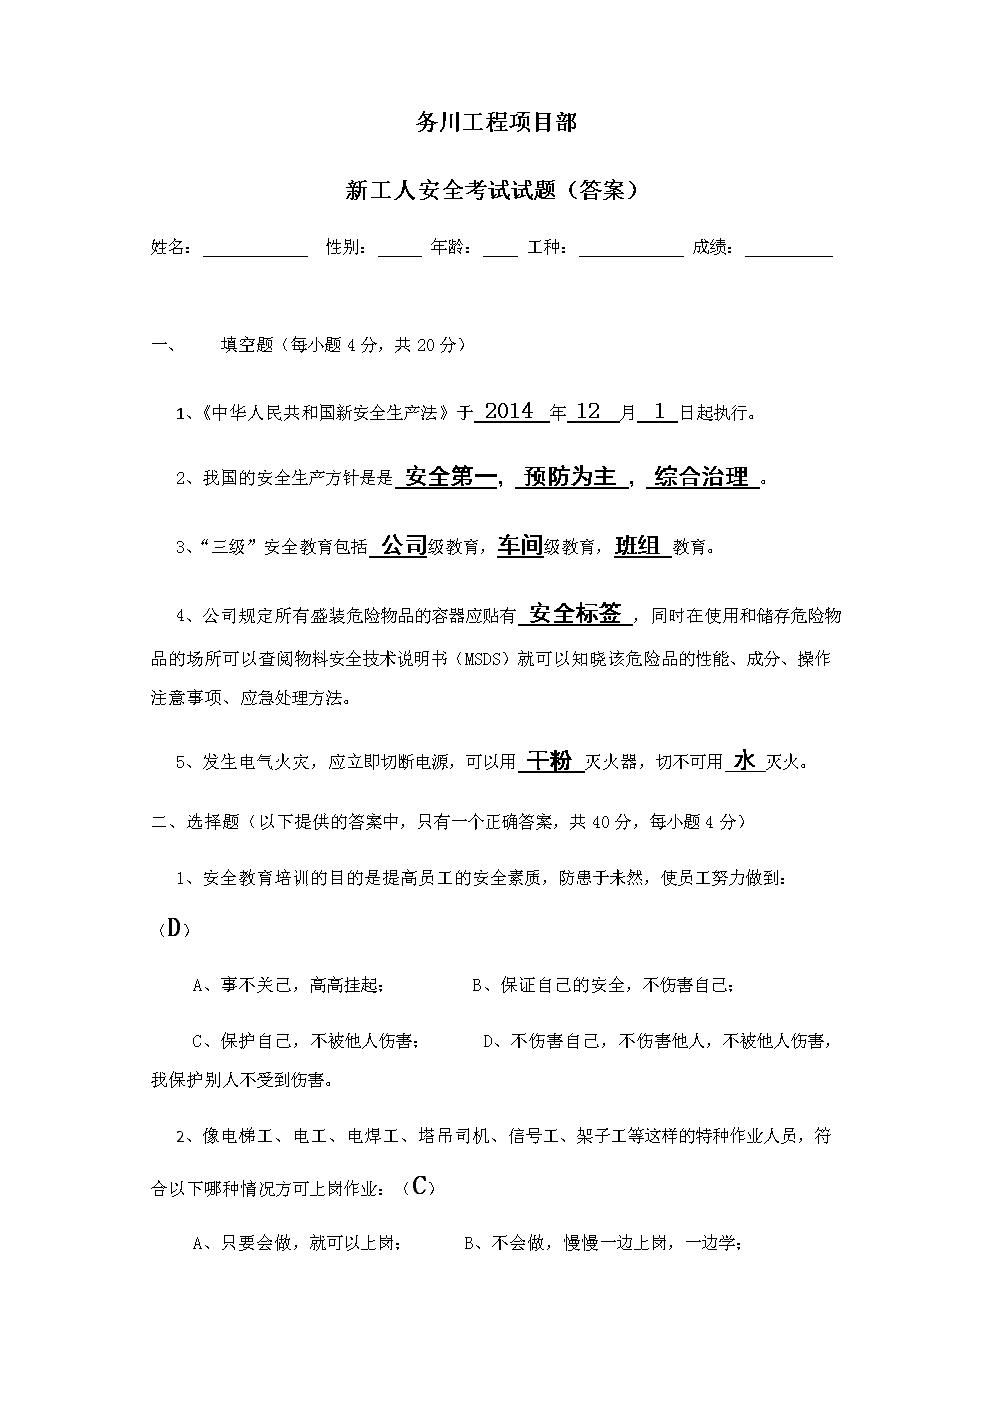 新工人安全考试试题(答案).doc